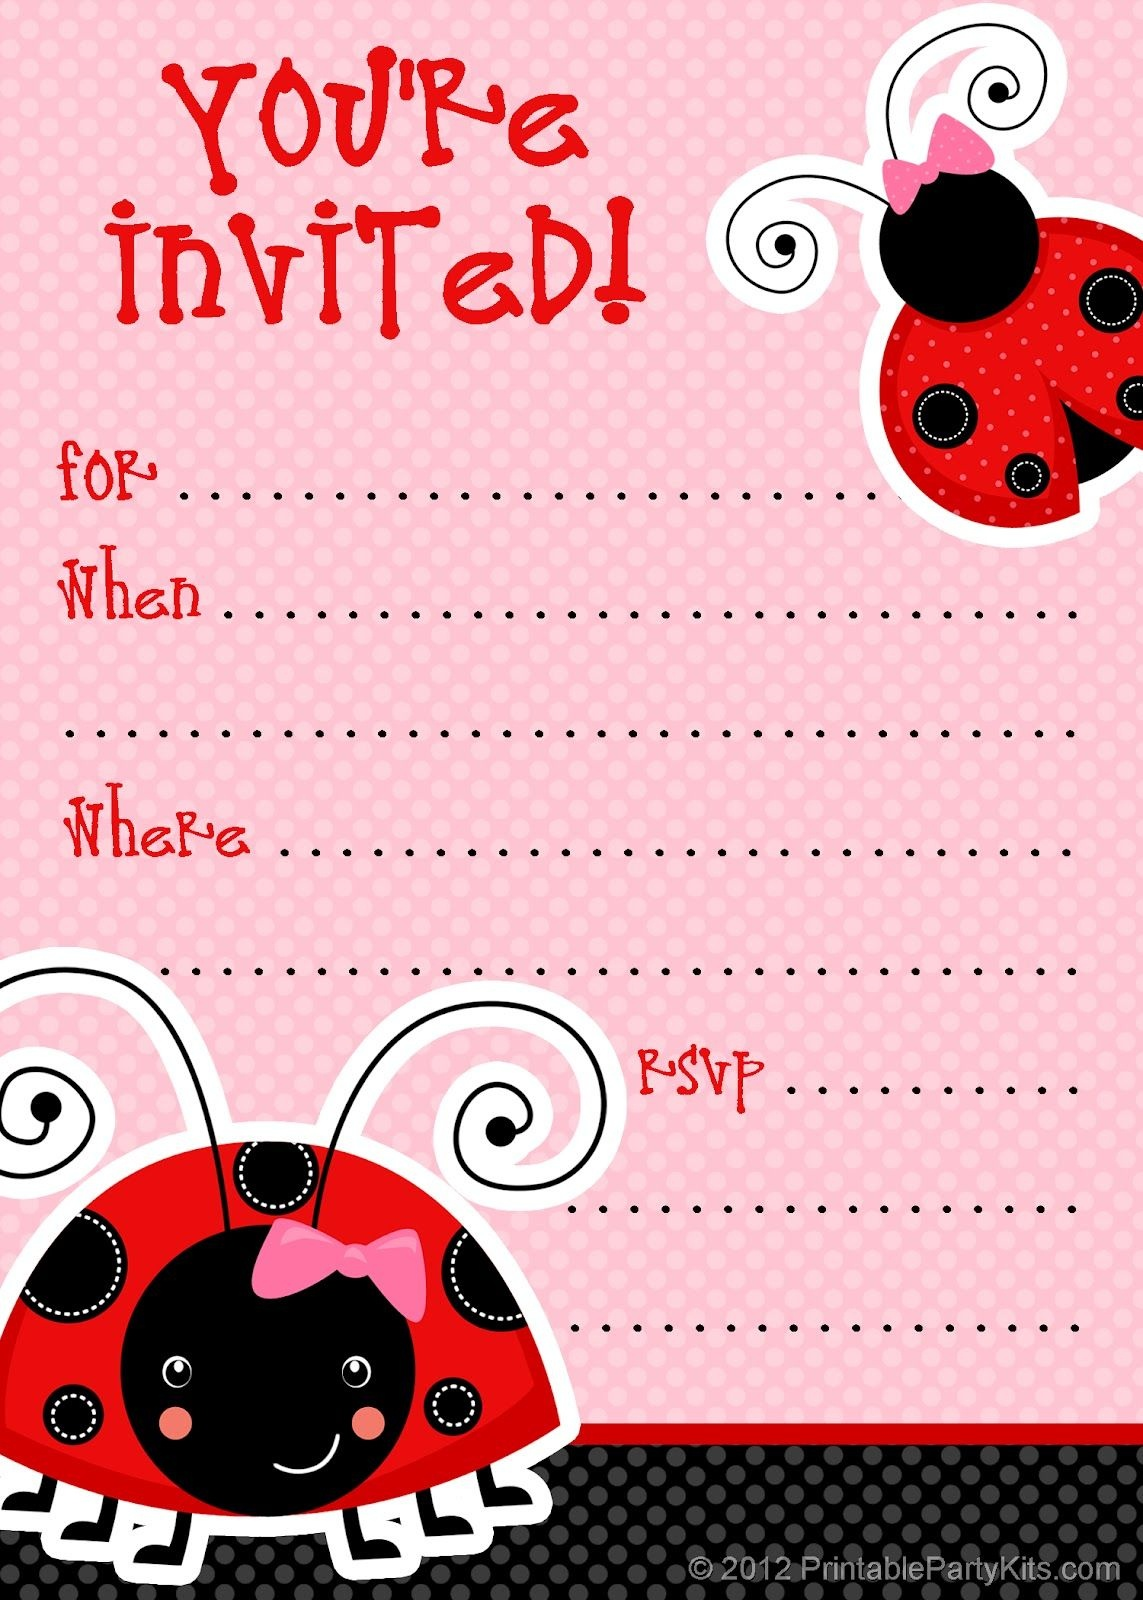 1) Free Printable Ladybug Invitation Blank Template. 2) Beautiful - Free Printable Ladybug Baby Shower Invitations Templates